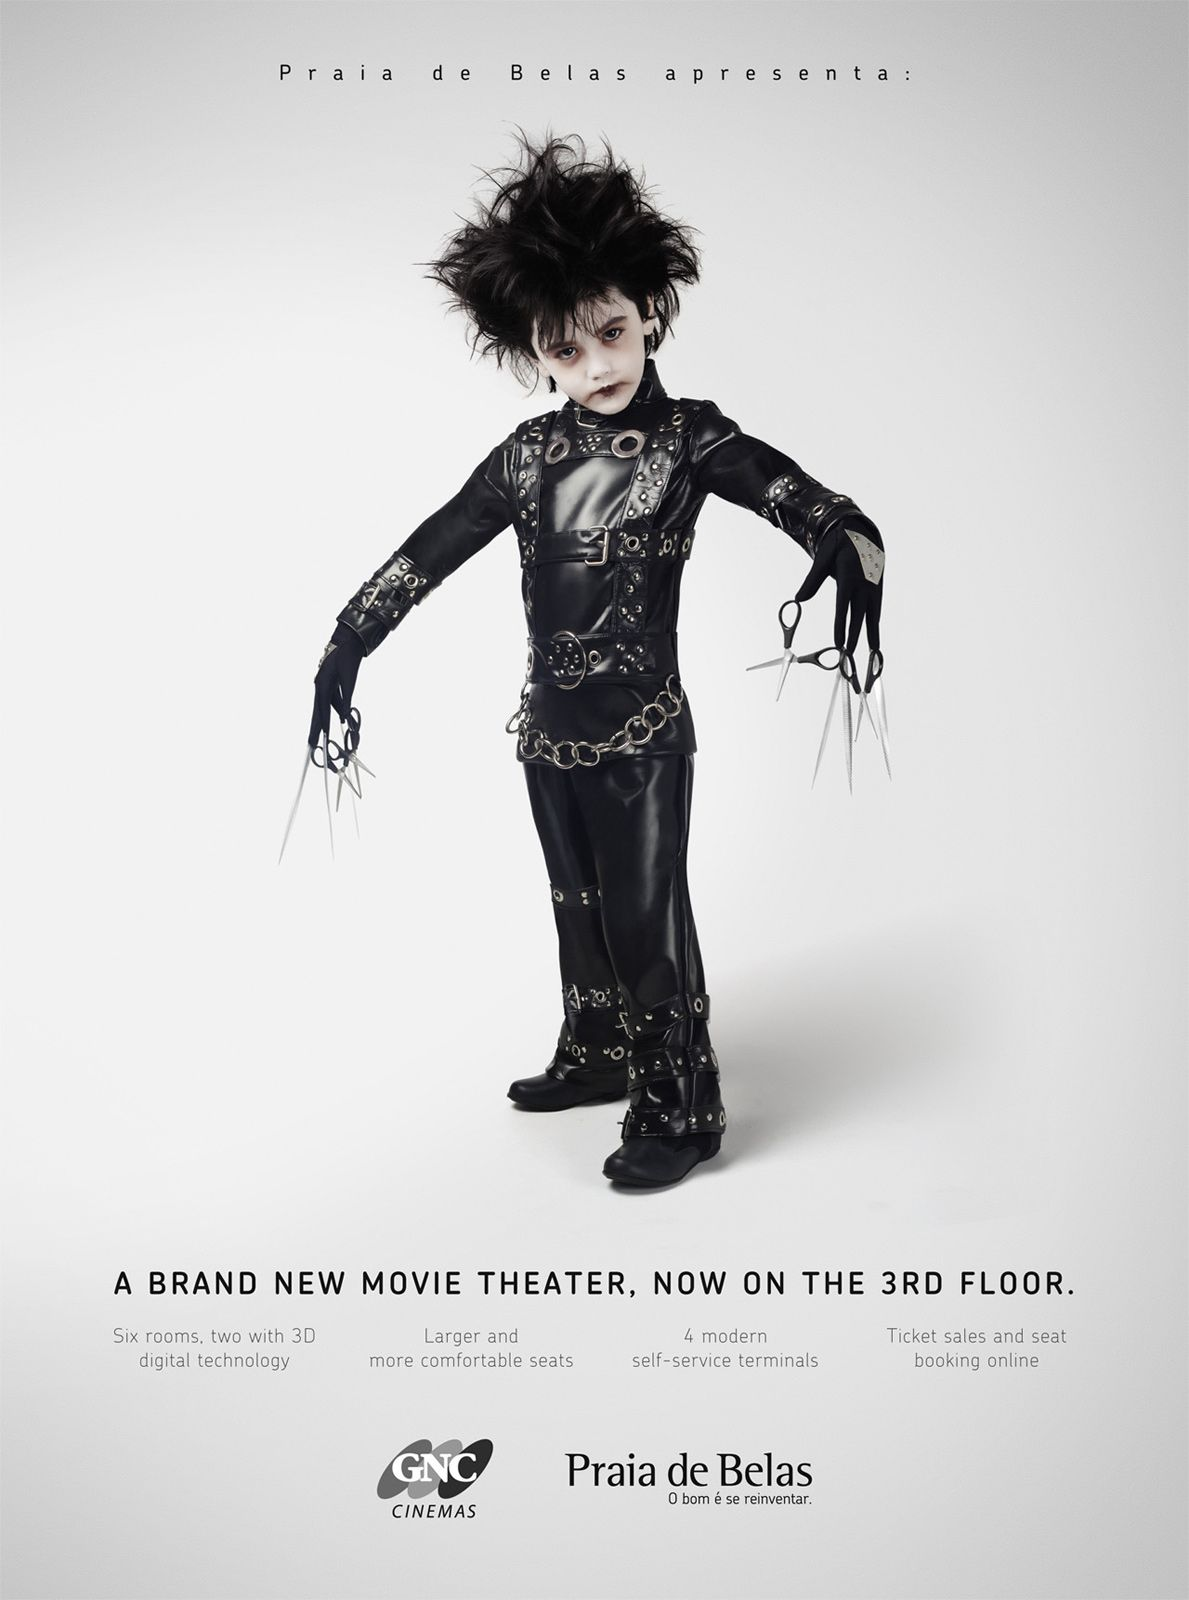 Edward Scissorhands - Personagens mirins de filmes famosos | Criatives